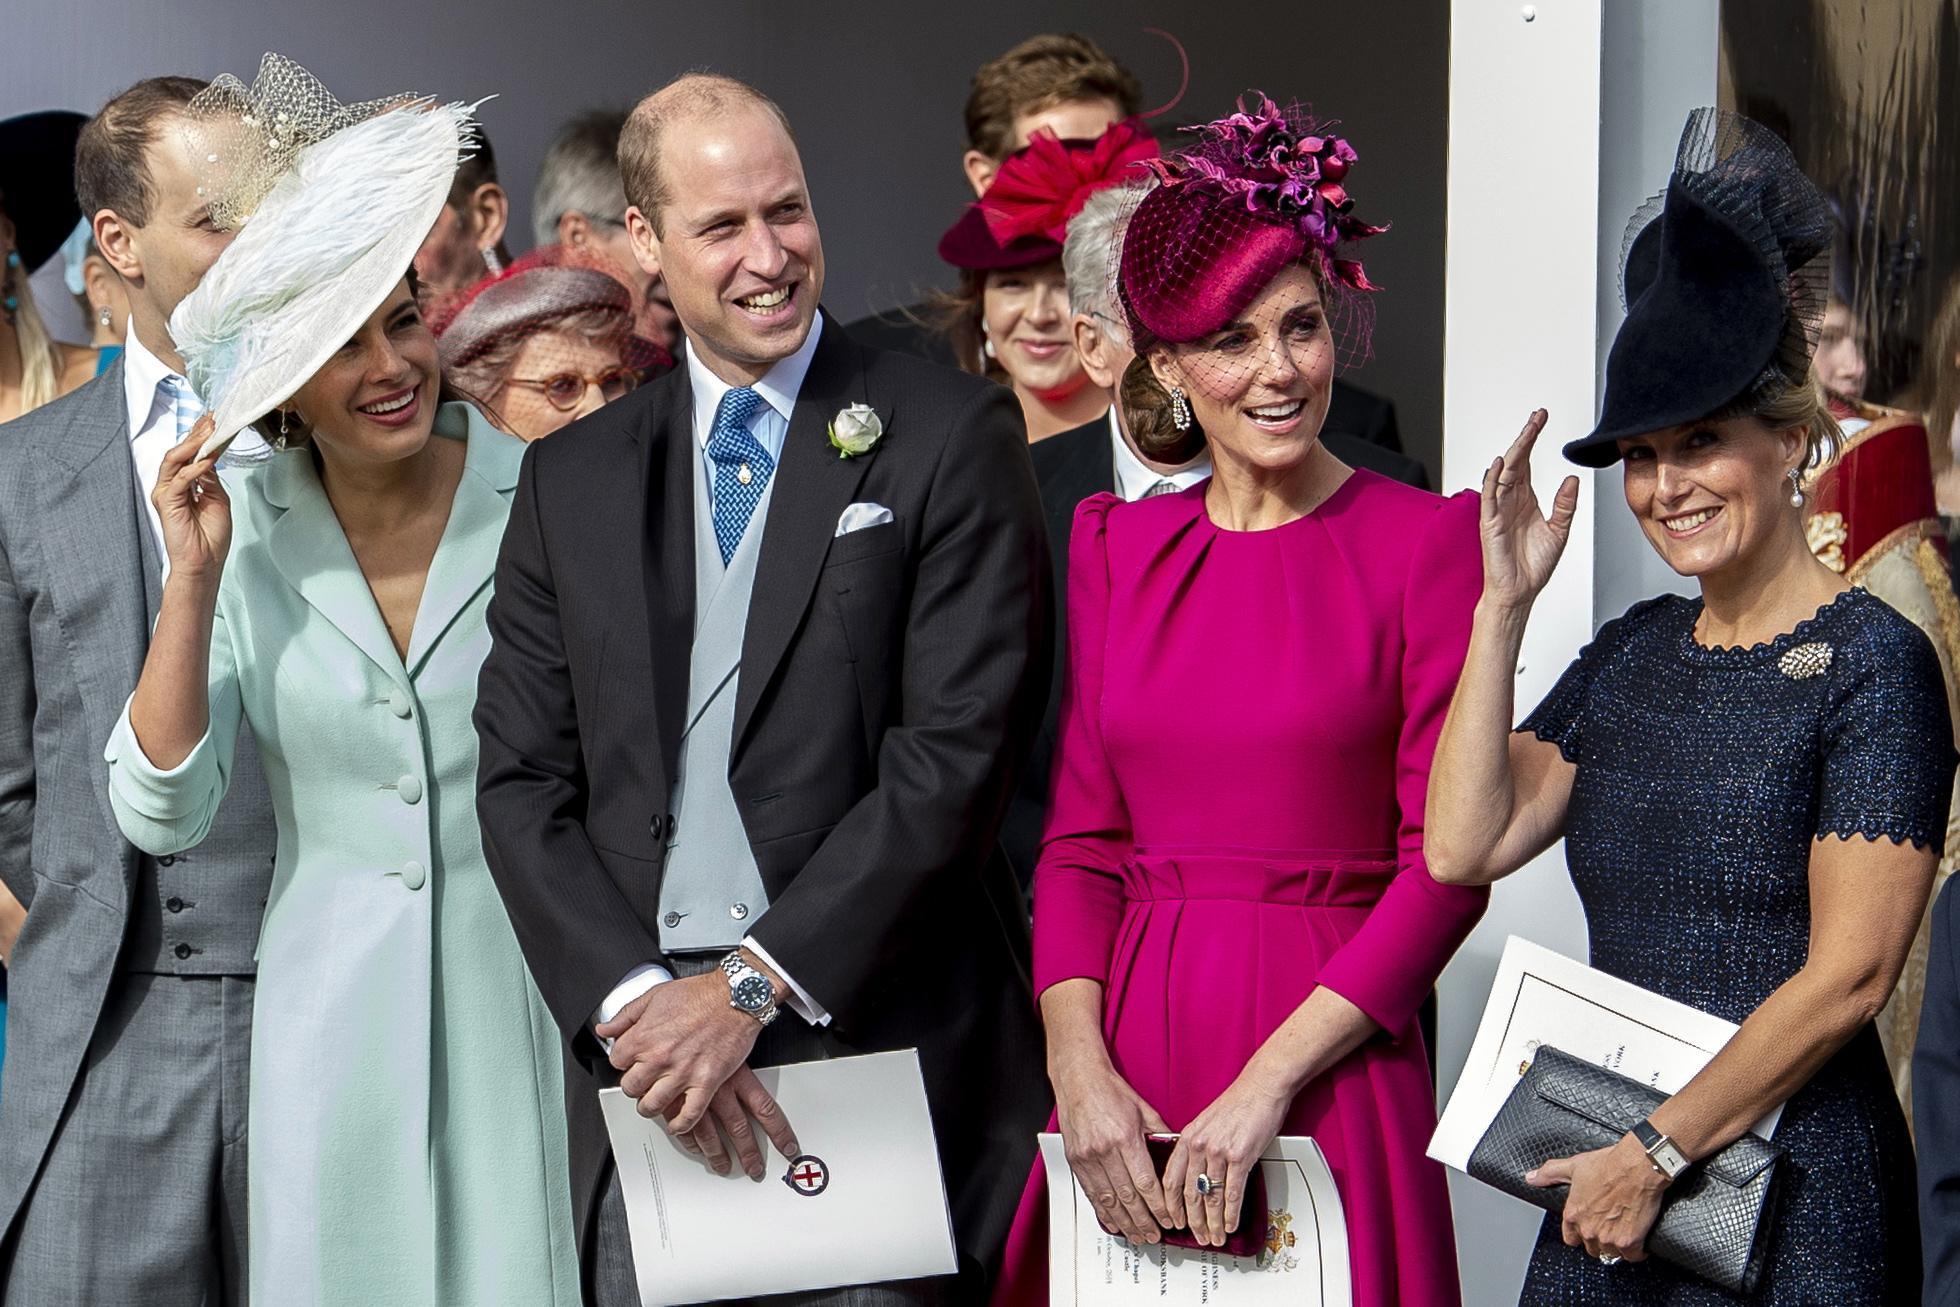 prezzi al dettaglio vivido e di grande stile acquistare Cappelli da cerimonia: consigli per l'invitata [FOTO ...